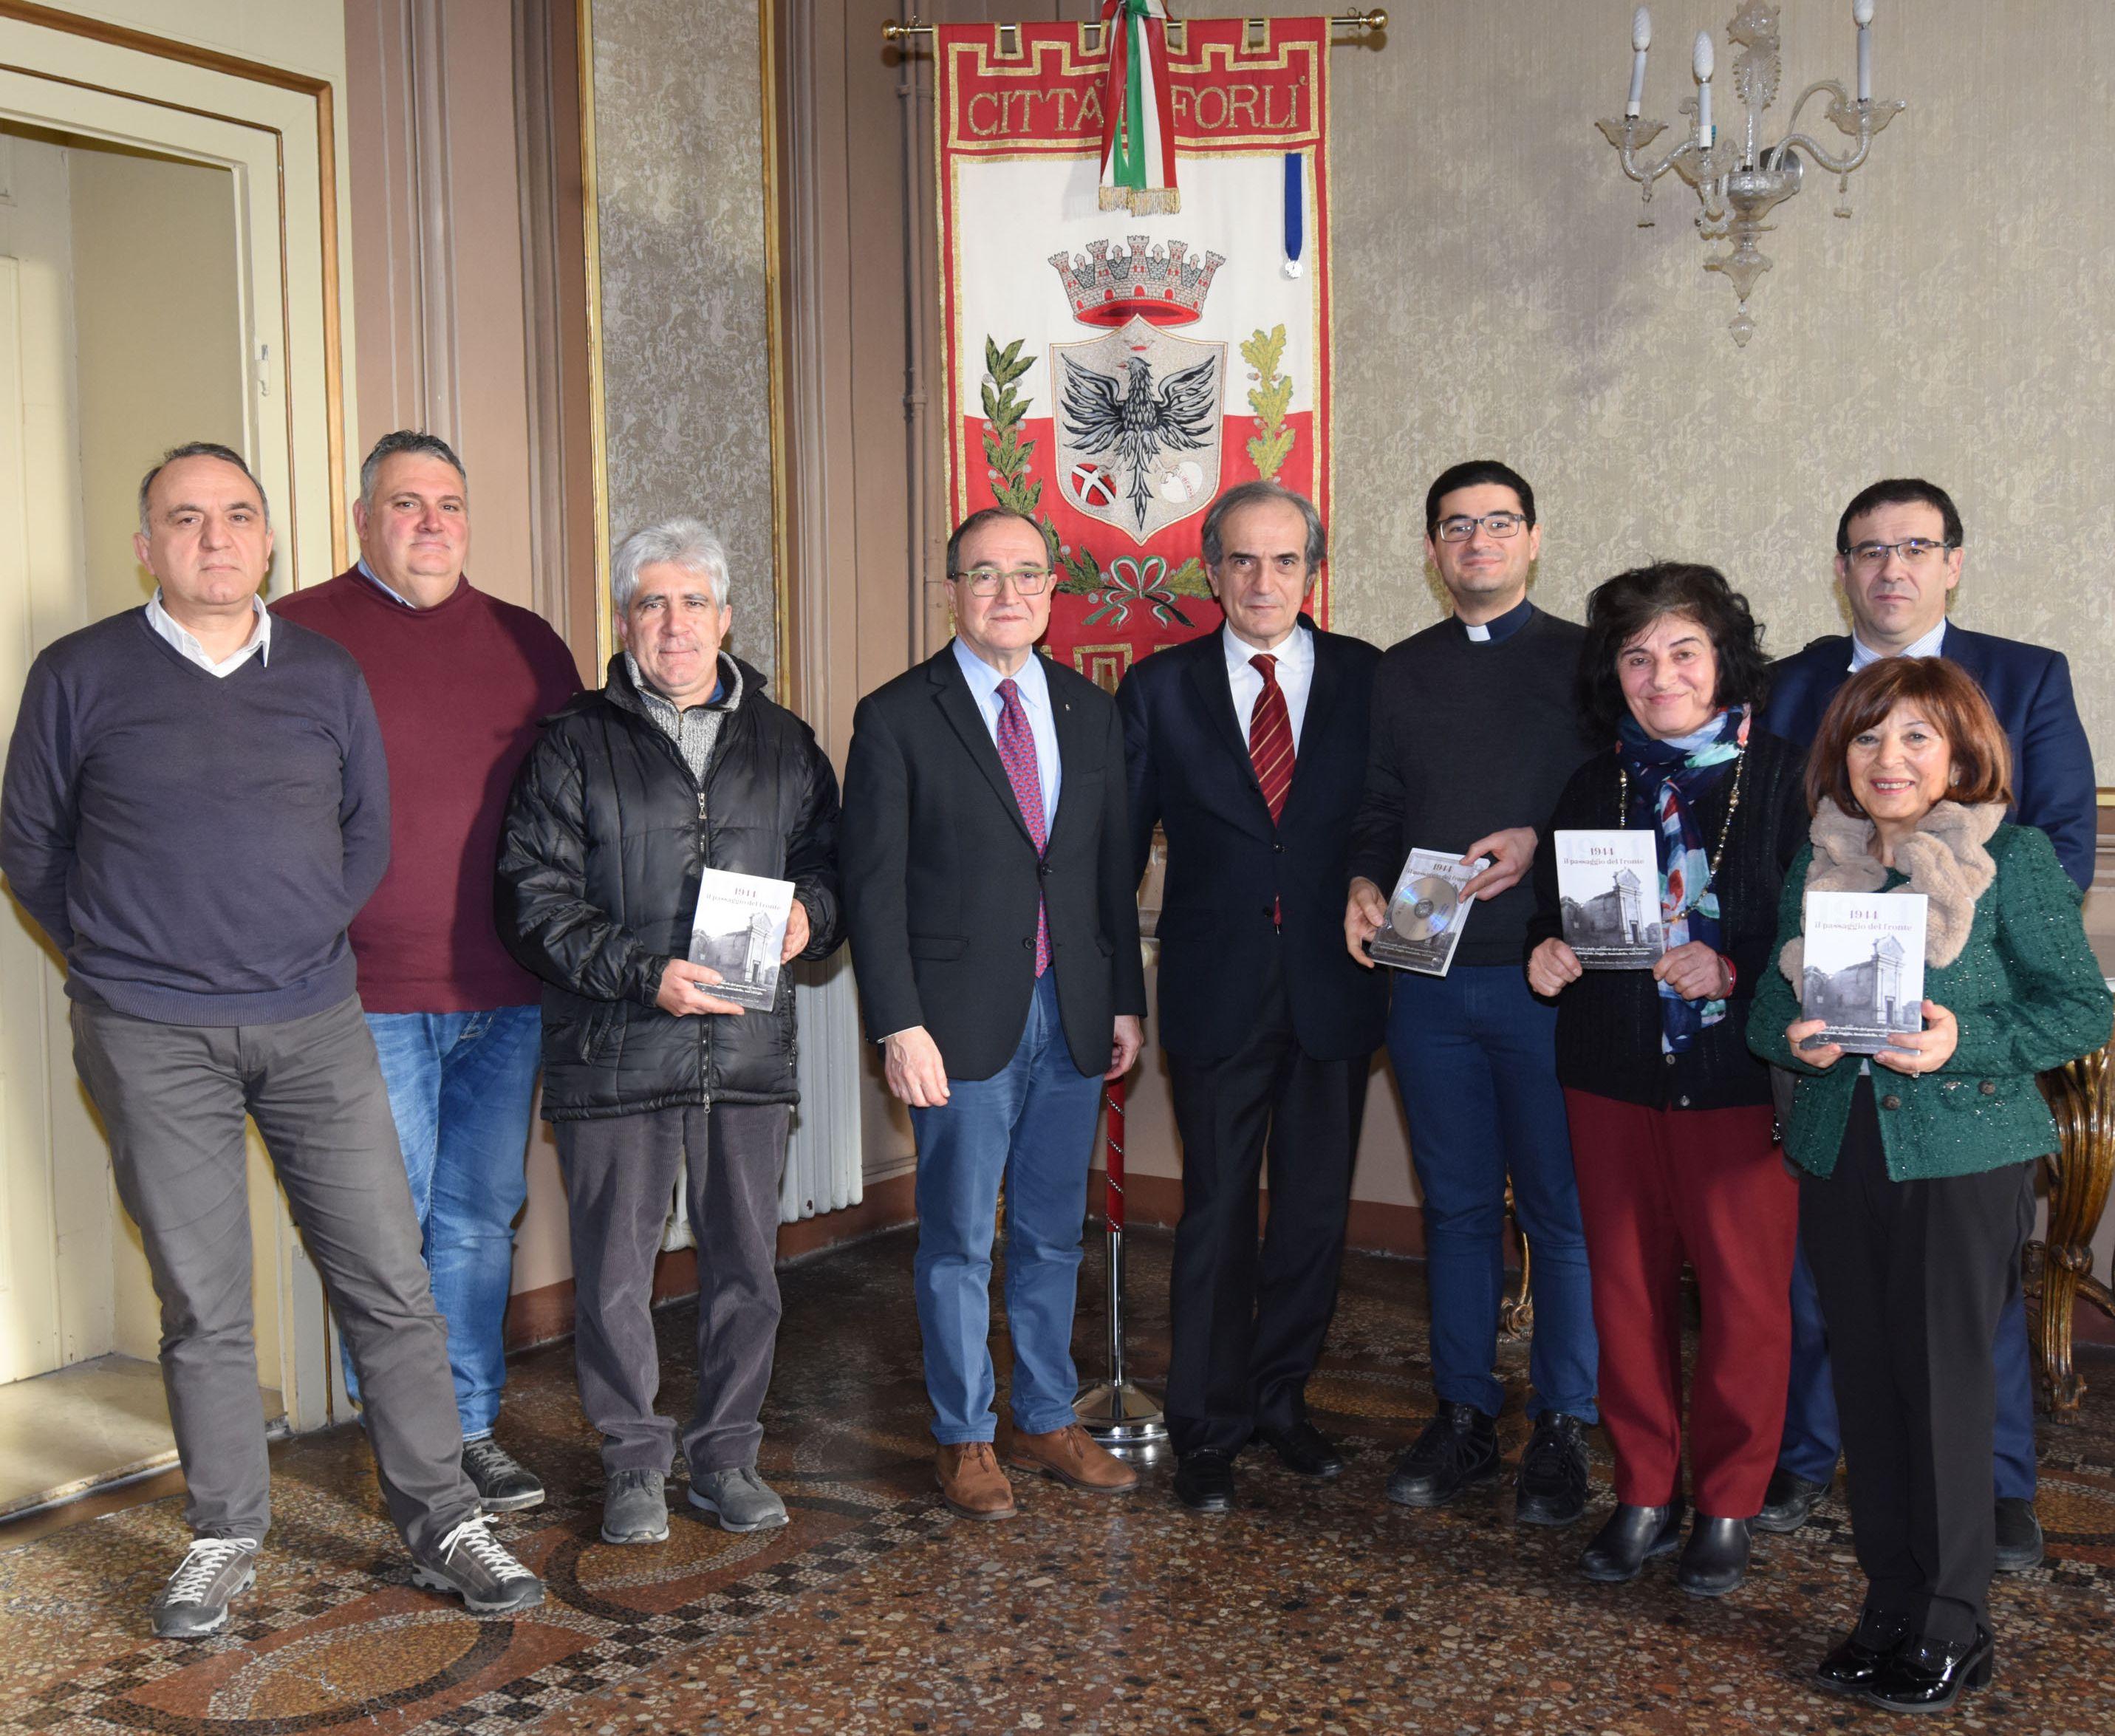 Municipio di Forlì consegna libro